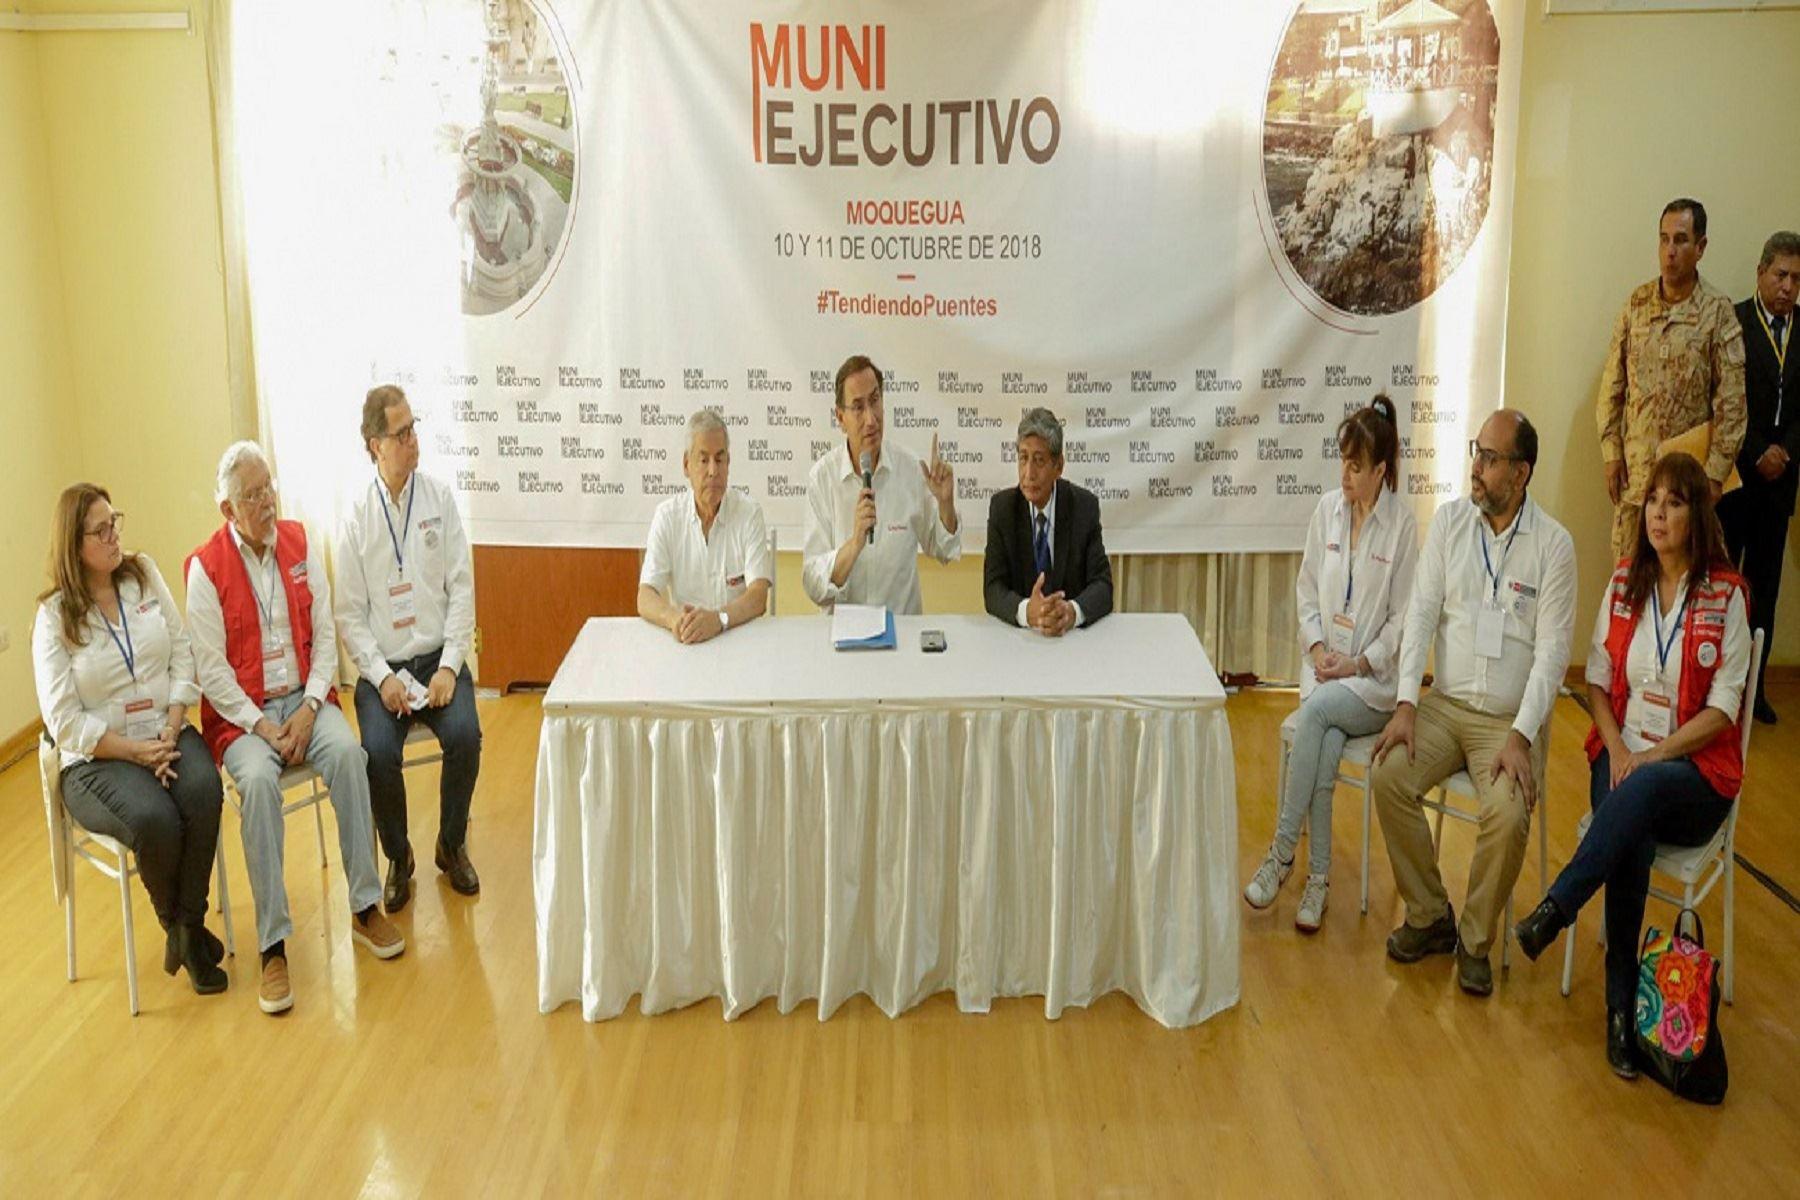 Inversión para Moquegua asciende a más de 330 millones de soles este año Foto: PCM